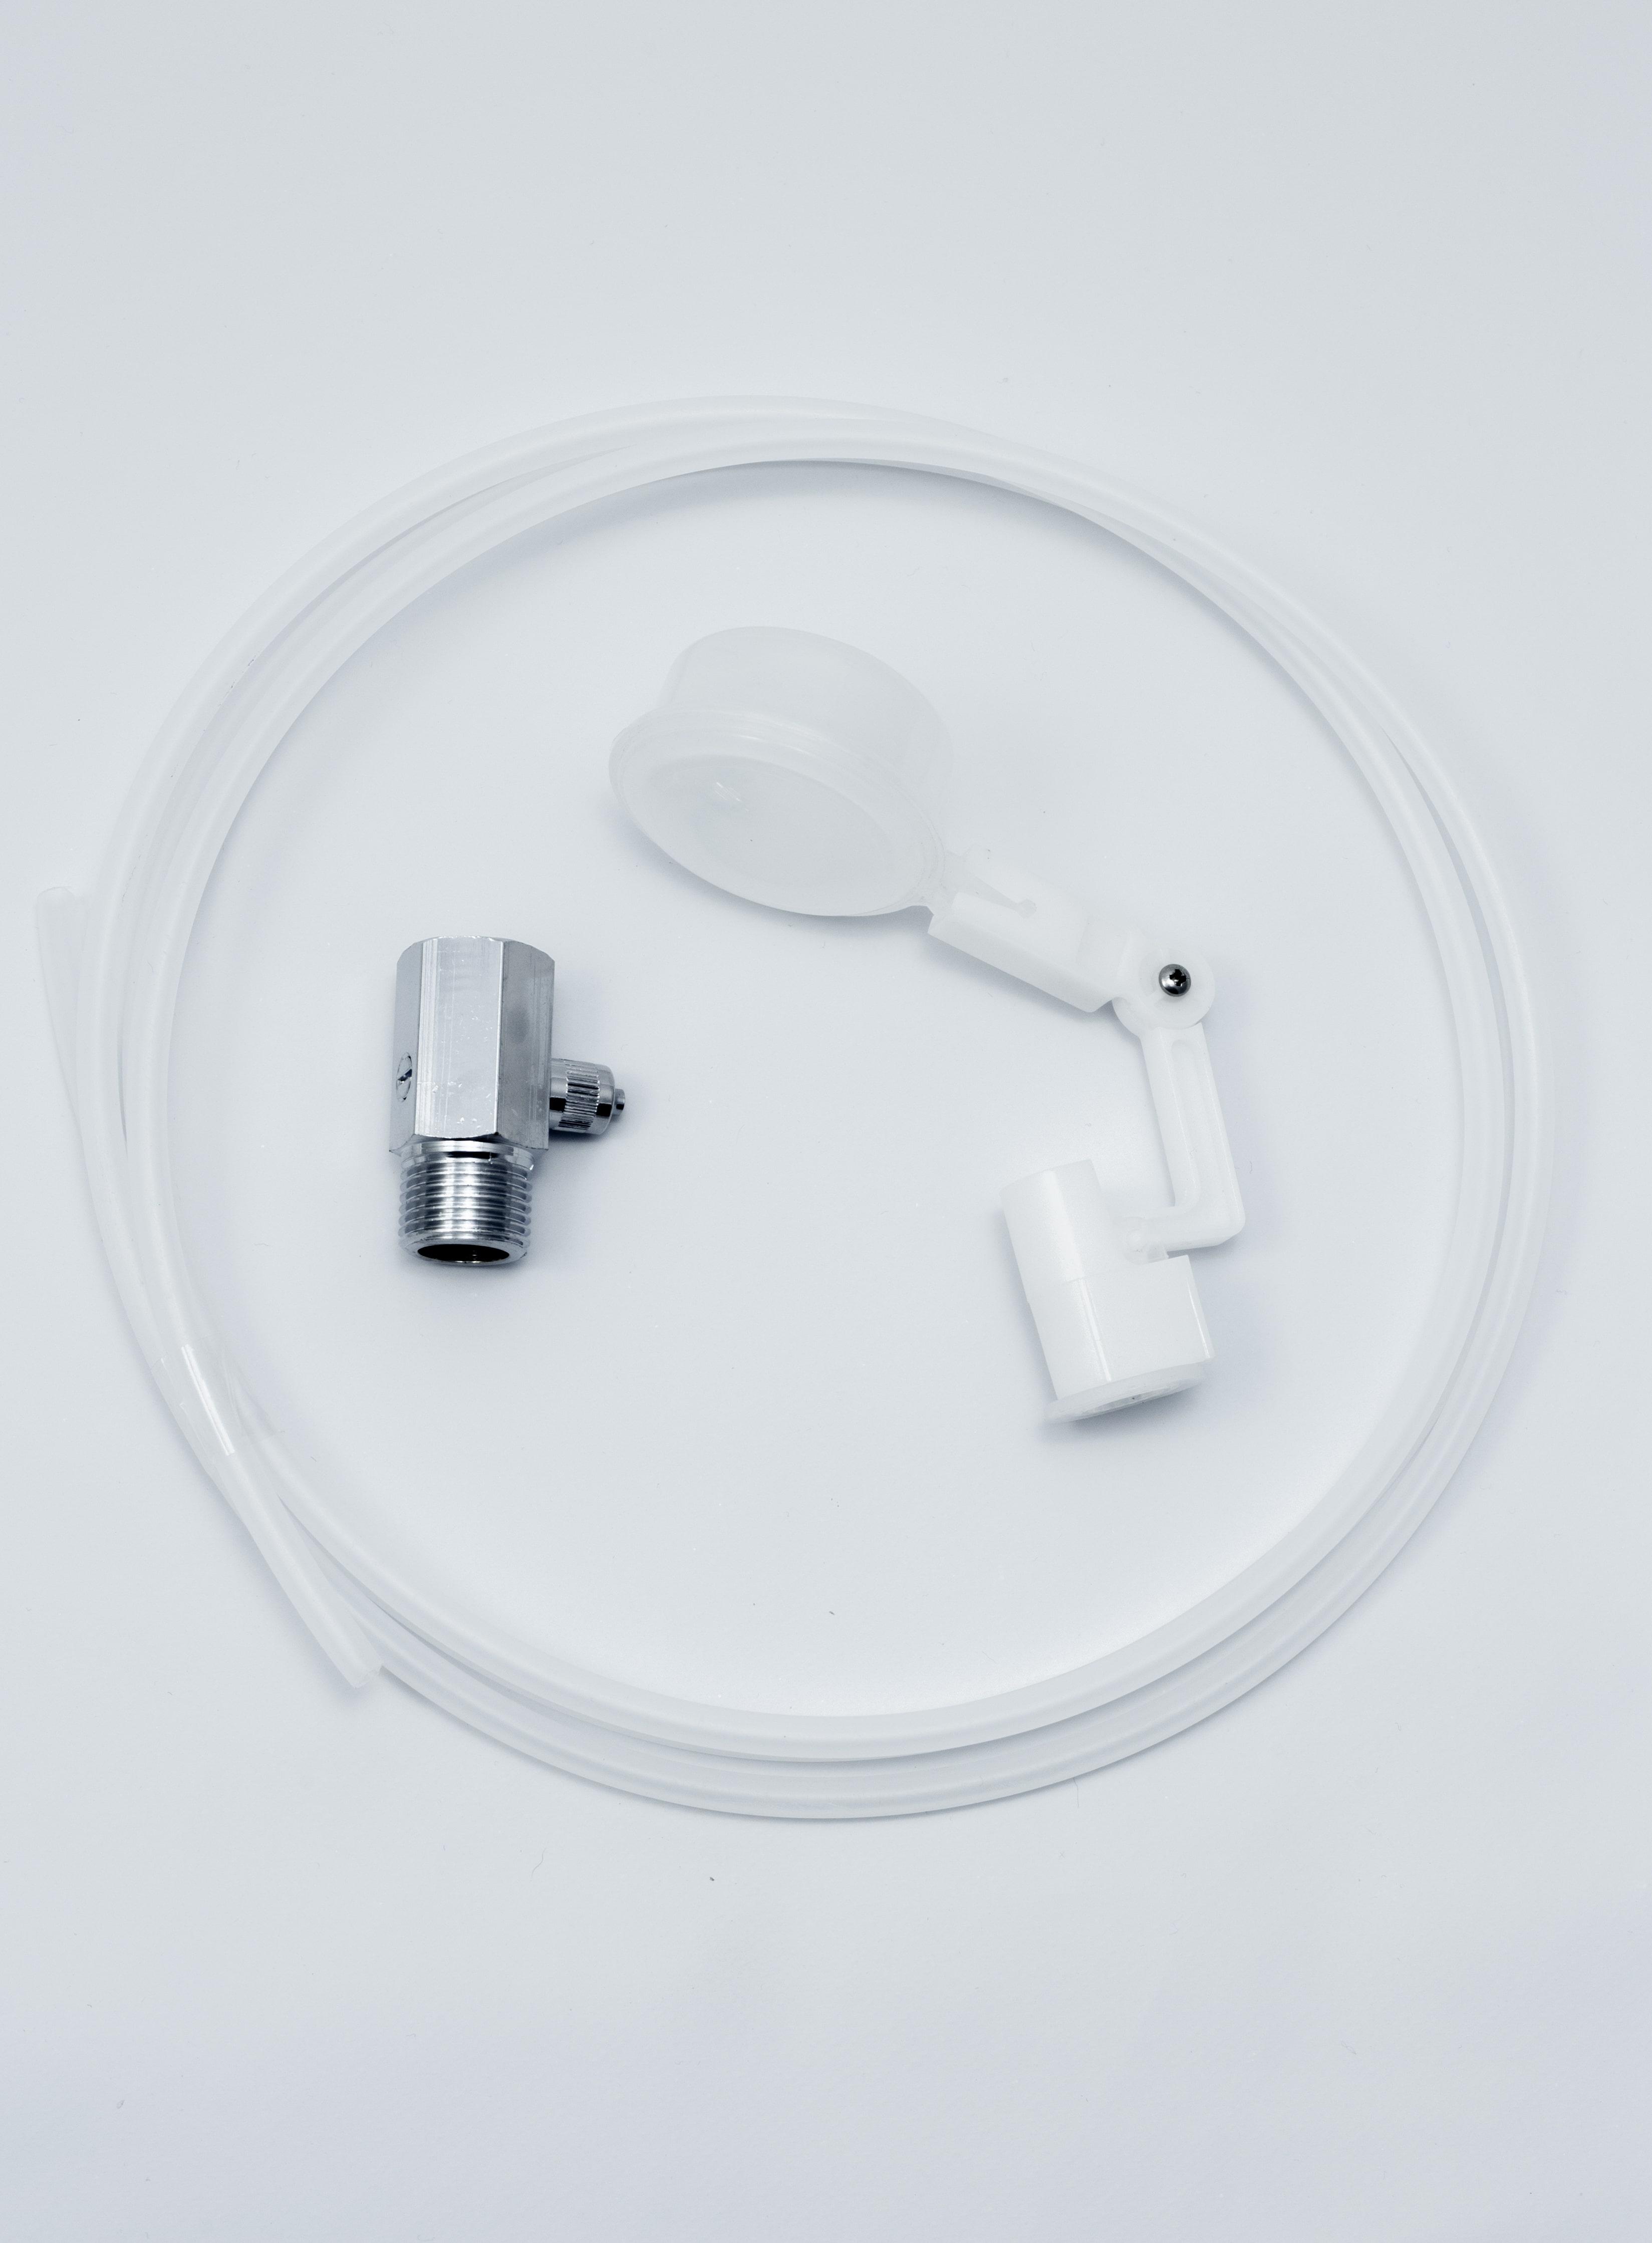 Kit Completo Para base Gelada / Com Abastecimento Automático